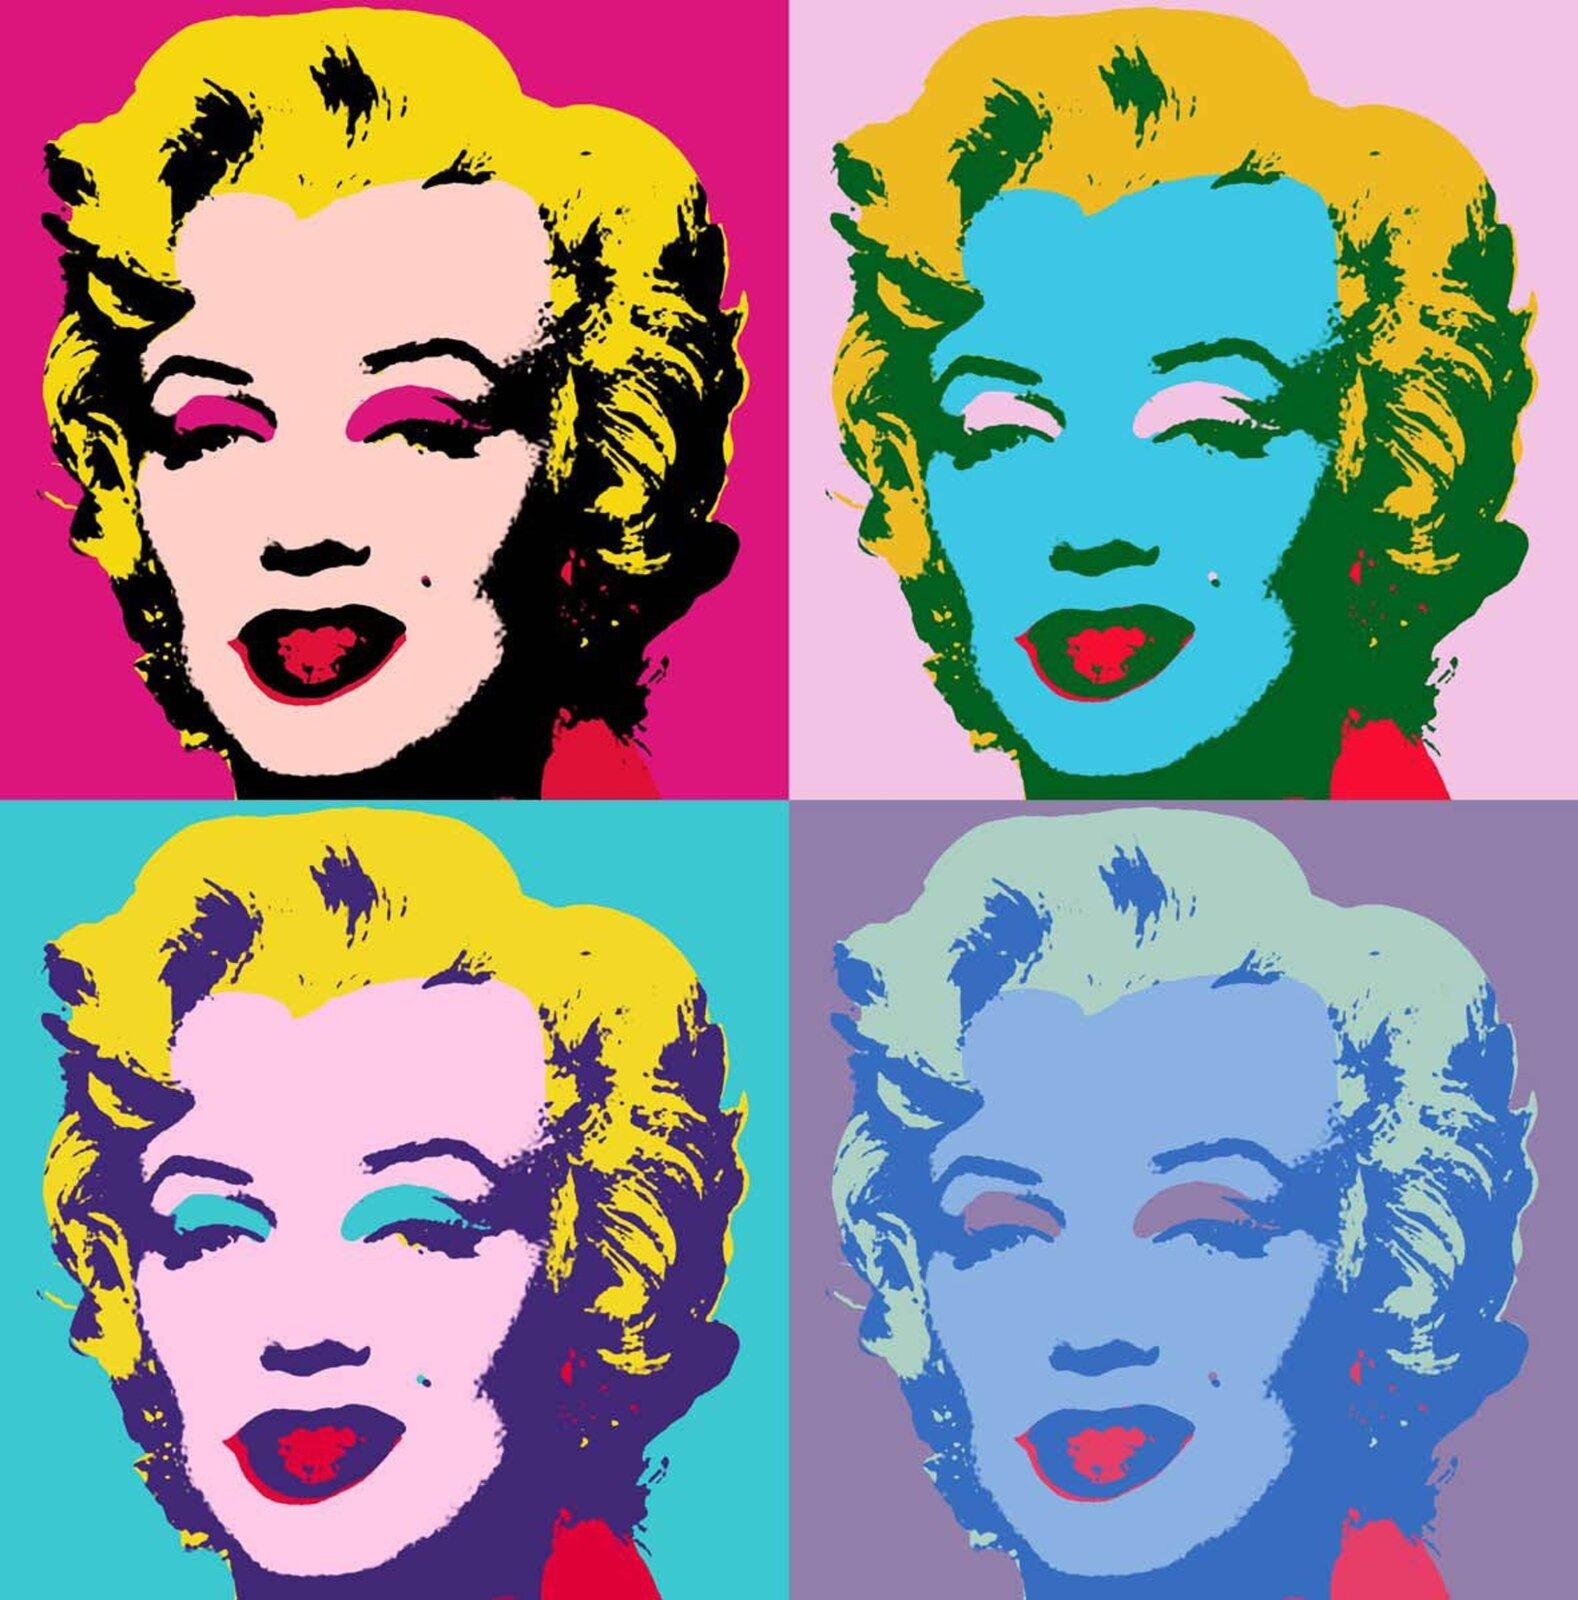 """Ilustracja przedstawia obraz """"Marilyn Monroe"""" autorstwa Andyego Warhola. Wykonane techniką serigrafii na płótnie dzieło ukazuje zmultiplikowany portret Marilyn Monroe. Kompozycja podzielona jest na cztery równe części. Wkażdej znich znajduje się to samo ujęcie artystki ukazane jednak winnych, nakładanych płasko kolorach. Najbardziej wyrazisty jest portret umieszczony ugóry po lewej stronie. Cienie namalowane są czarną farbą, włosy są żółte natomiast powieki itło jaskrawo-różowe. Jedynie karnacja ma stonowany, cielisto-różowy kolor. Obok, po prawej stronie znajduje się portret ozielonych cieniach, pomarańczowych włosach, jasnoróżowych powiekach itle oraz błękitnej twarzy. Wlewej dolnej partii obrazu ukazany jest wizerunek ofioletowych cieniach, cytrynowo-żółtych włosach, błękitnych powiekach itle oraz jasno-różowej karnacji. Obok, wprawym dolnym rogu, artysta namalował najbardziej stonowany portret. Cienie są niebieskie, włosy blado-zielone, powieki itło to zgaszony fiolet, natomiast karnacja to jasny niebieski. Jedynym powtarzającym się kolorem jest czerwień ust Merlin. Dzięki prostemu zabiegowi kolorystycznemu artysta zjednej fotografii stworzył cztery, zupełnie różne wswym nastroju wizerunki gwiazdy."""